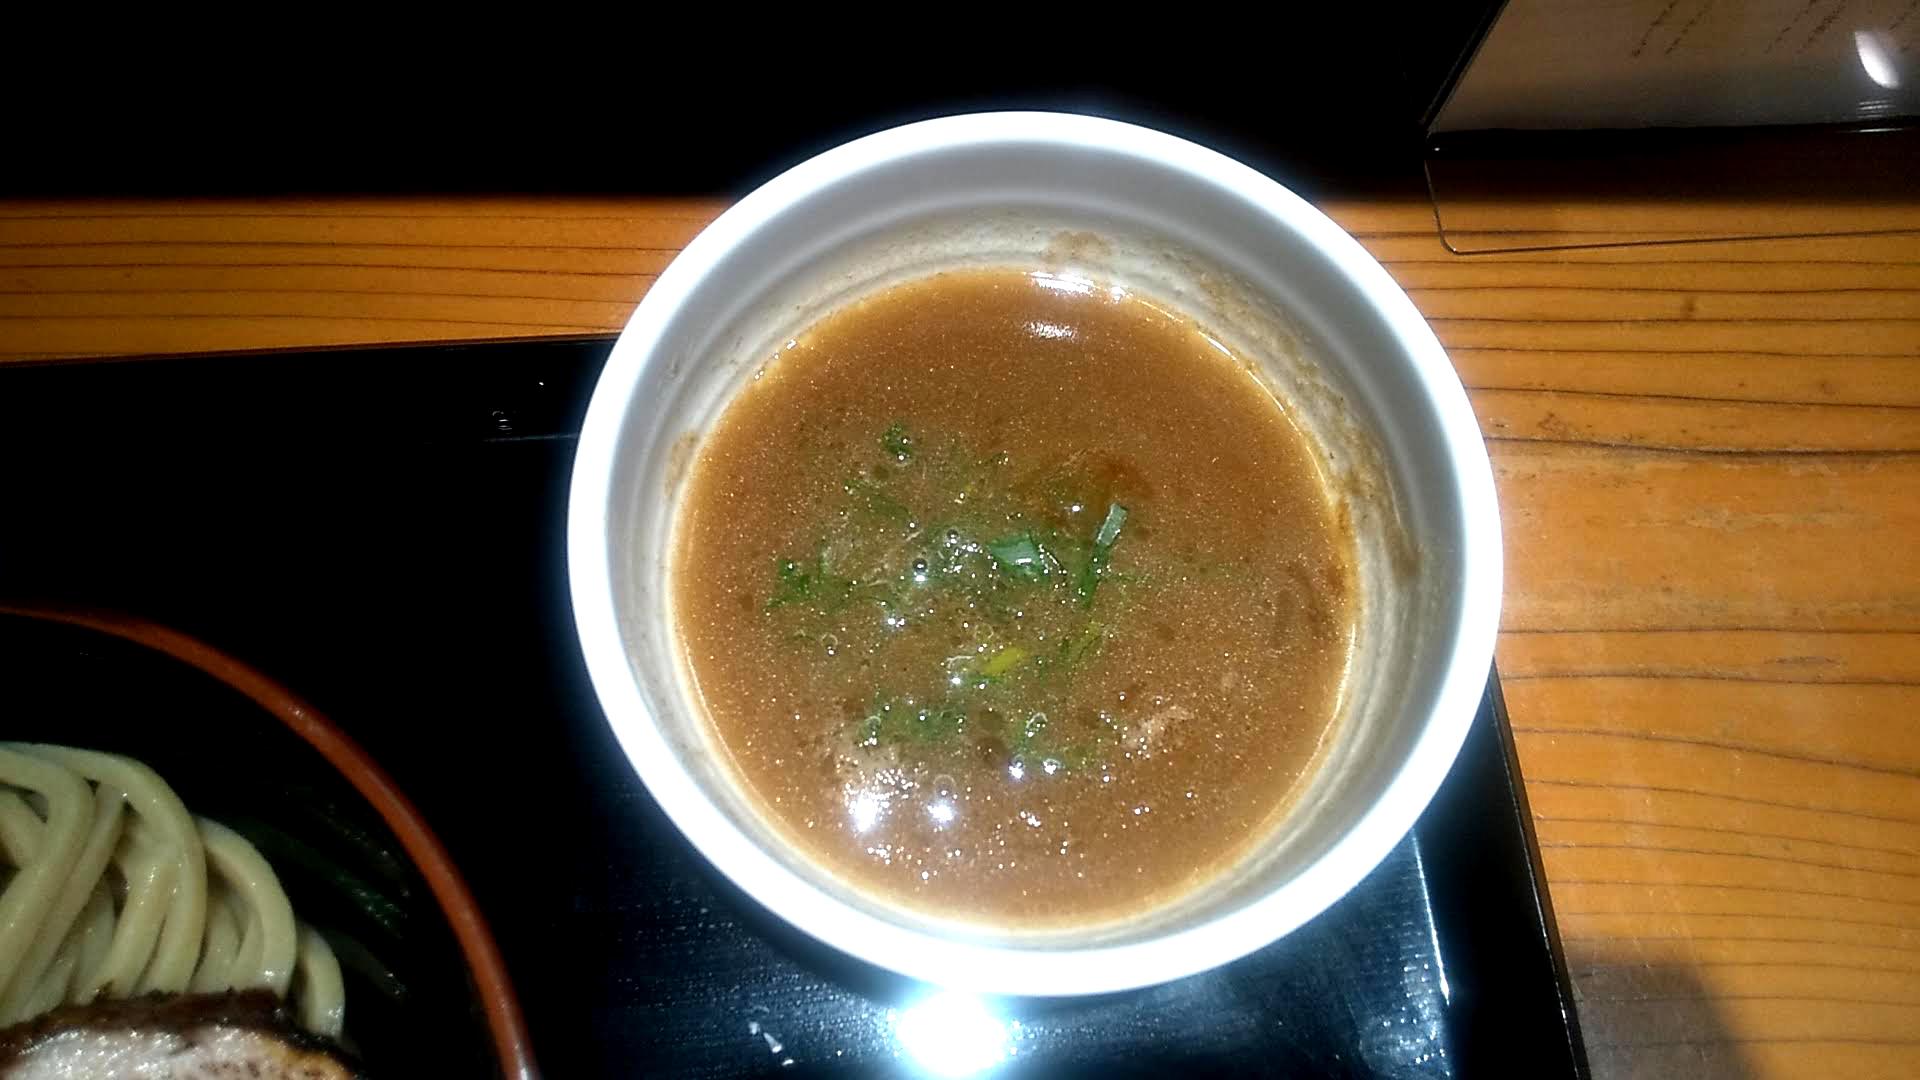 中華蕎麦ひら井のチャーシューつけ蕎麦のつけ汁の写真